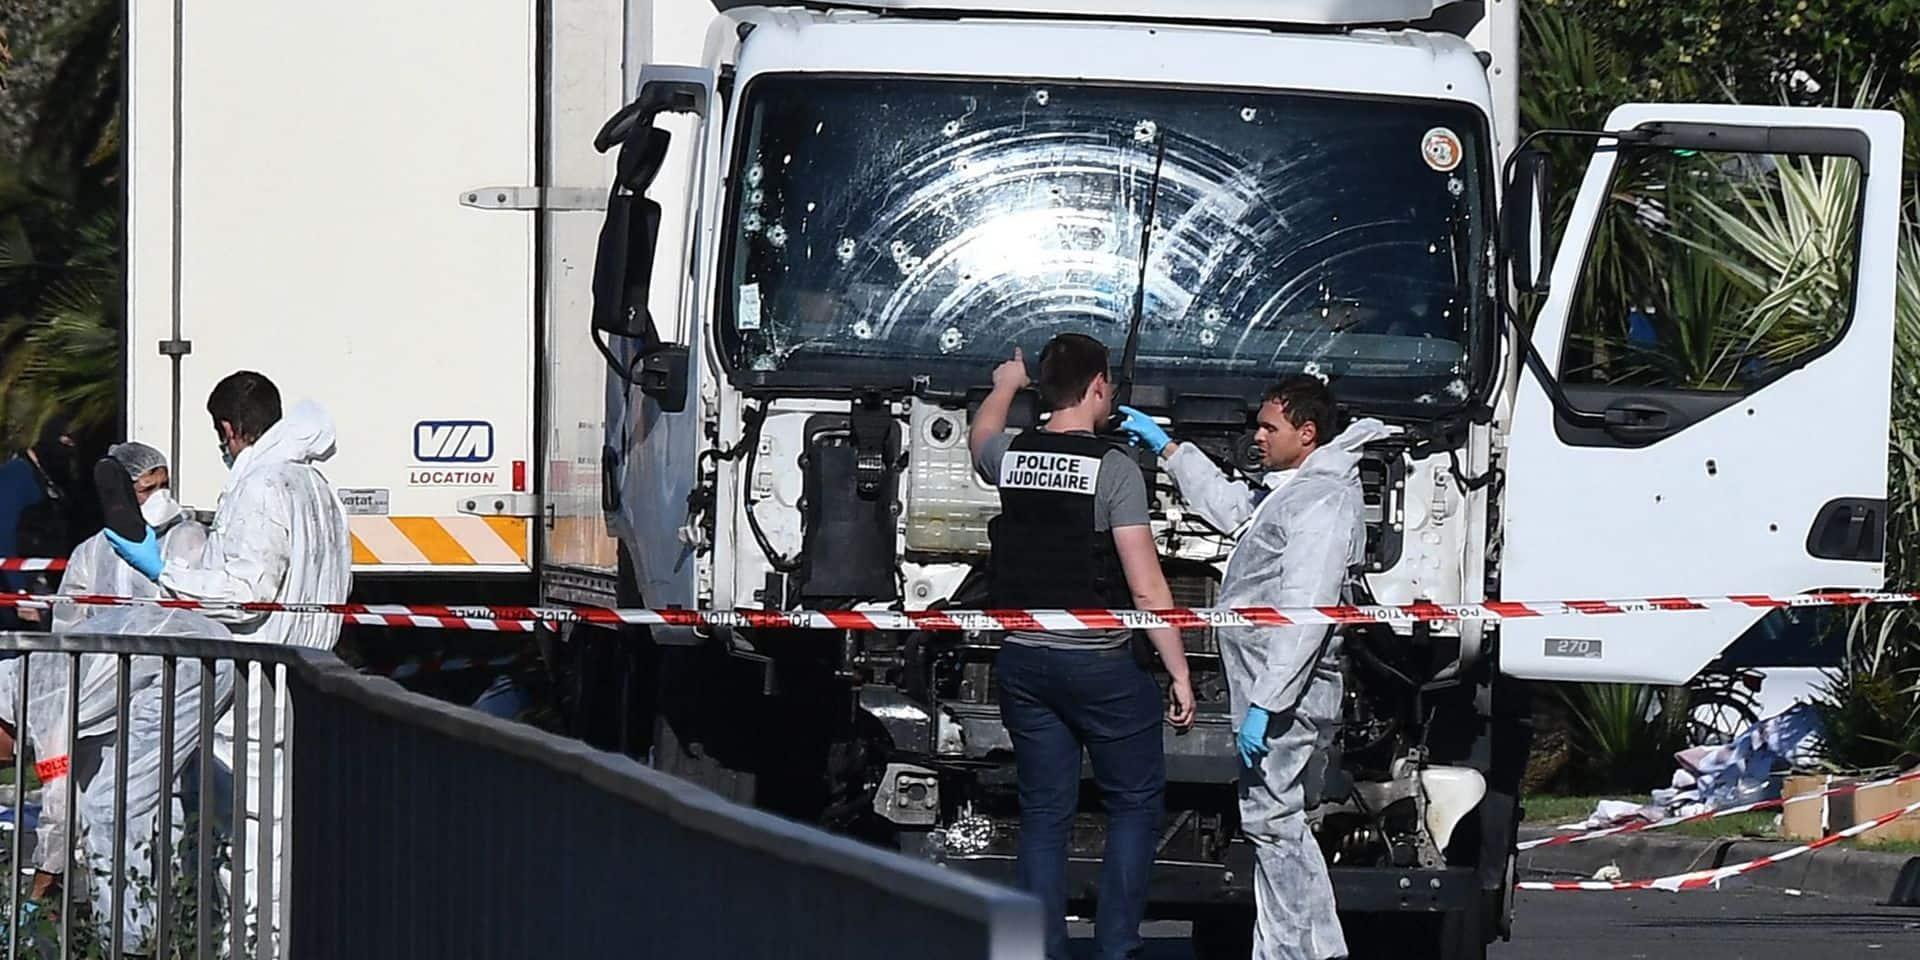 Attentat de Nice en 2016: un complice présumé de l'assaillant arrêté en Italie